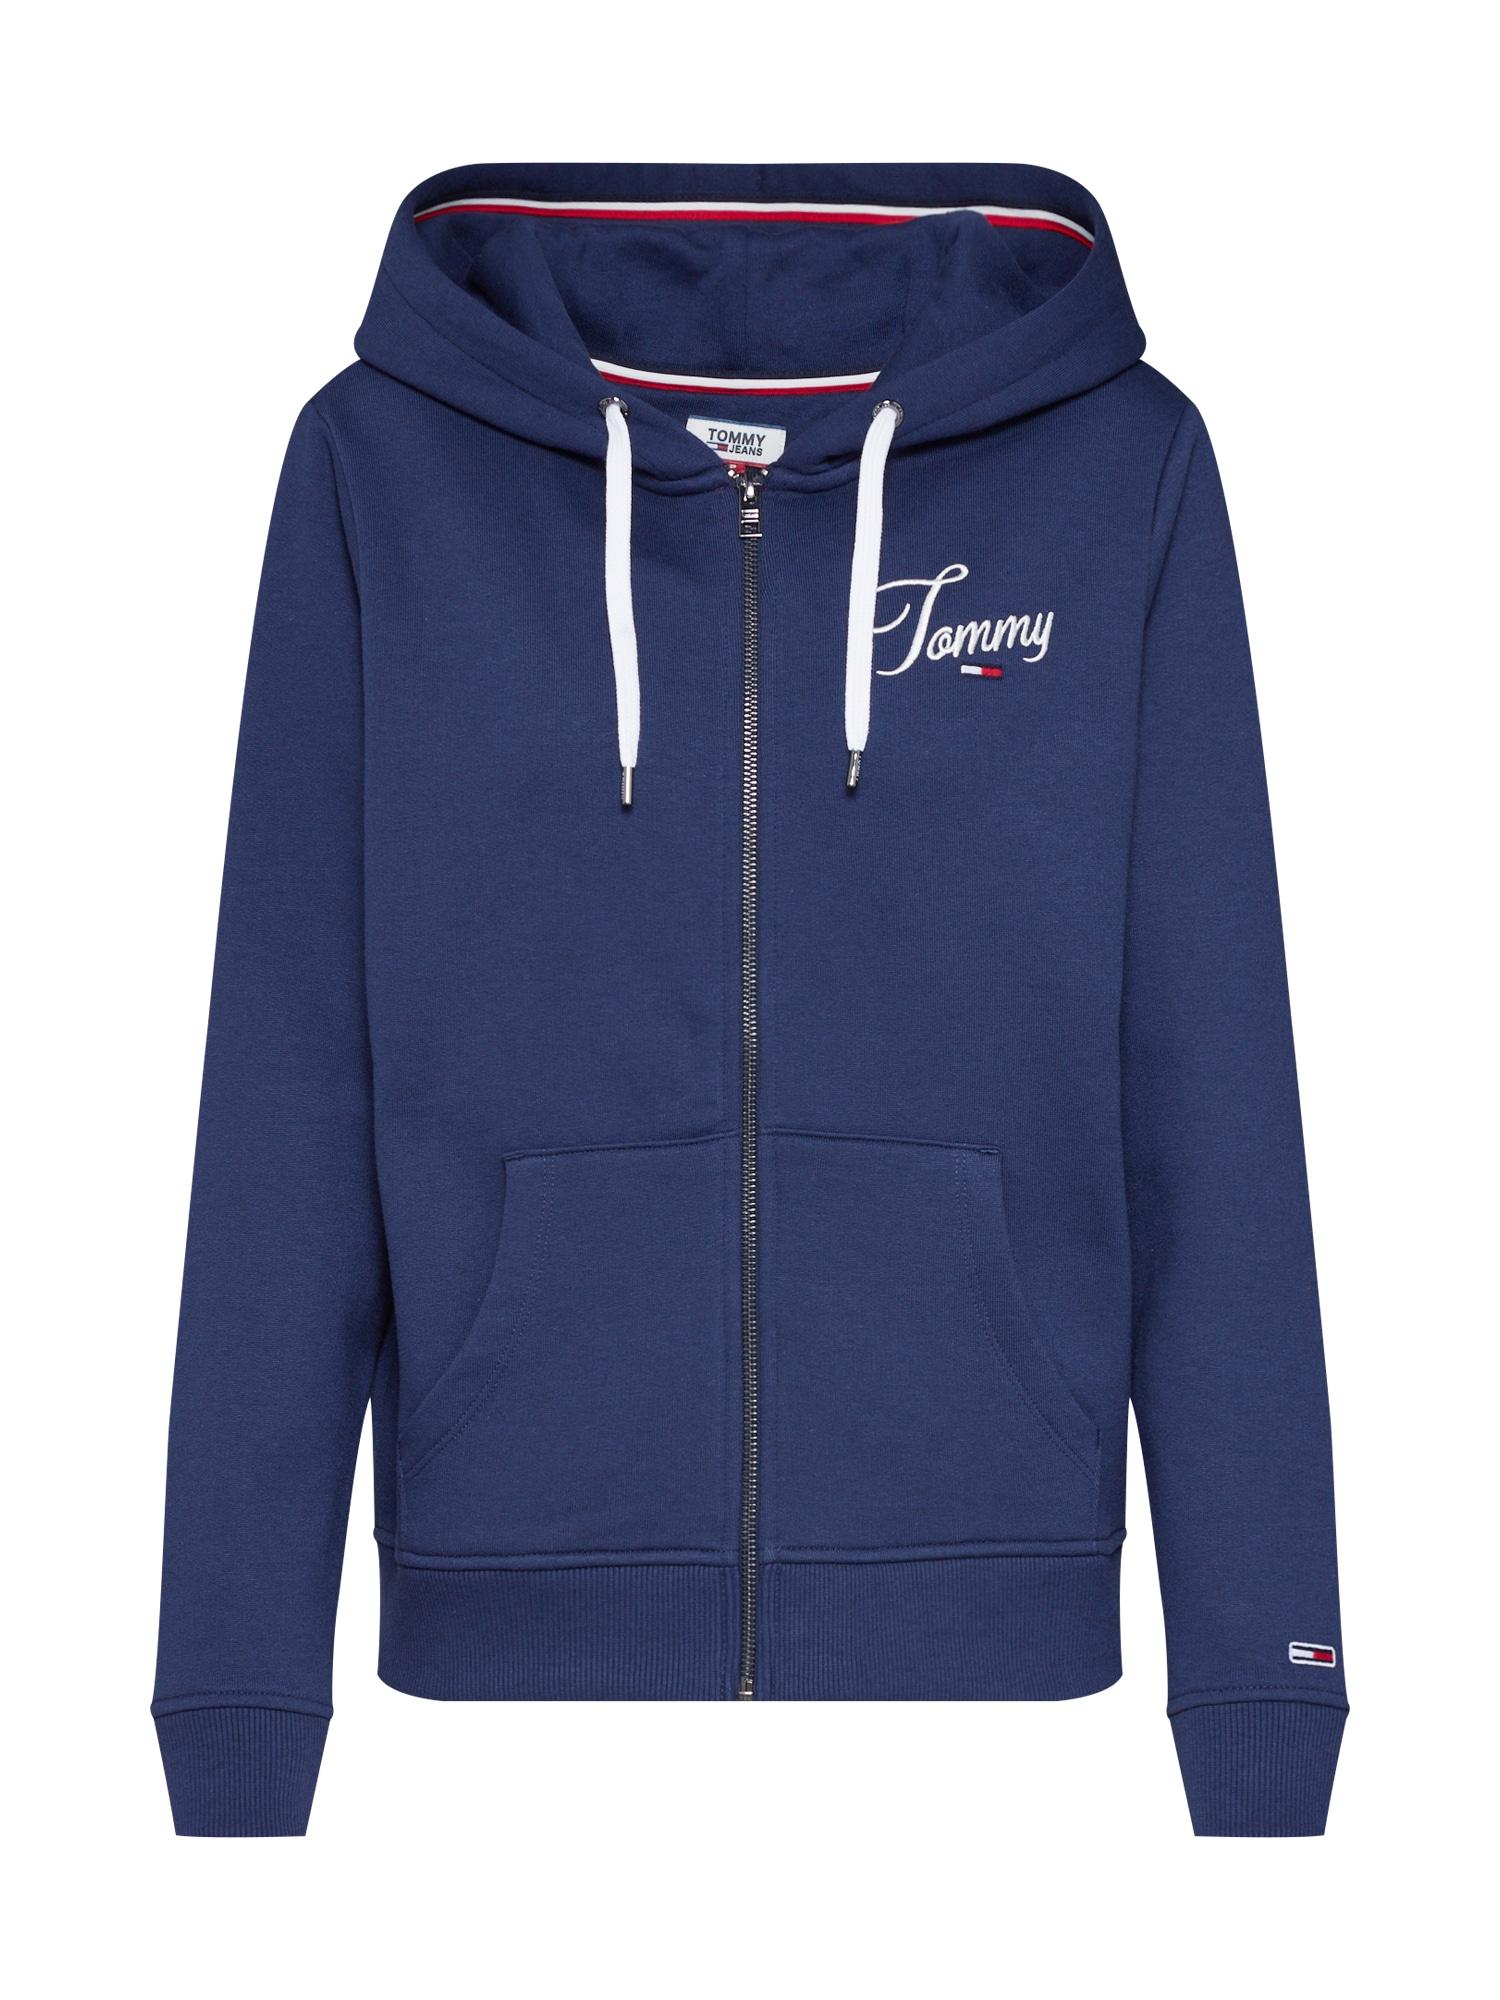 Mikina s kapucí kouřově modrá bílá Tommy Jeans